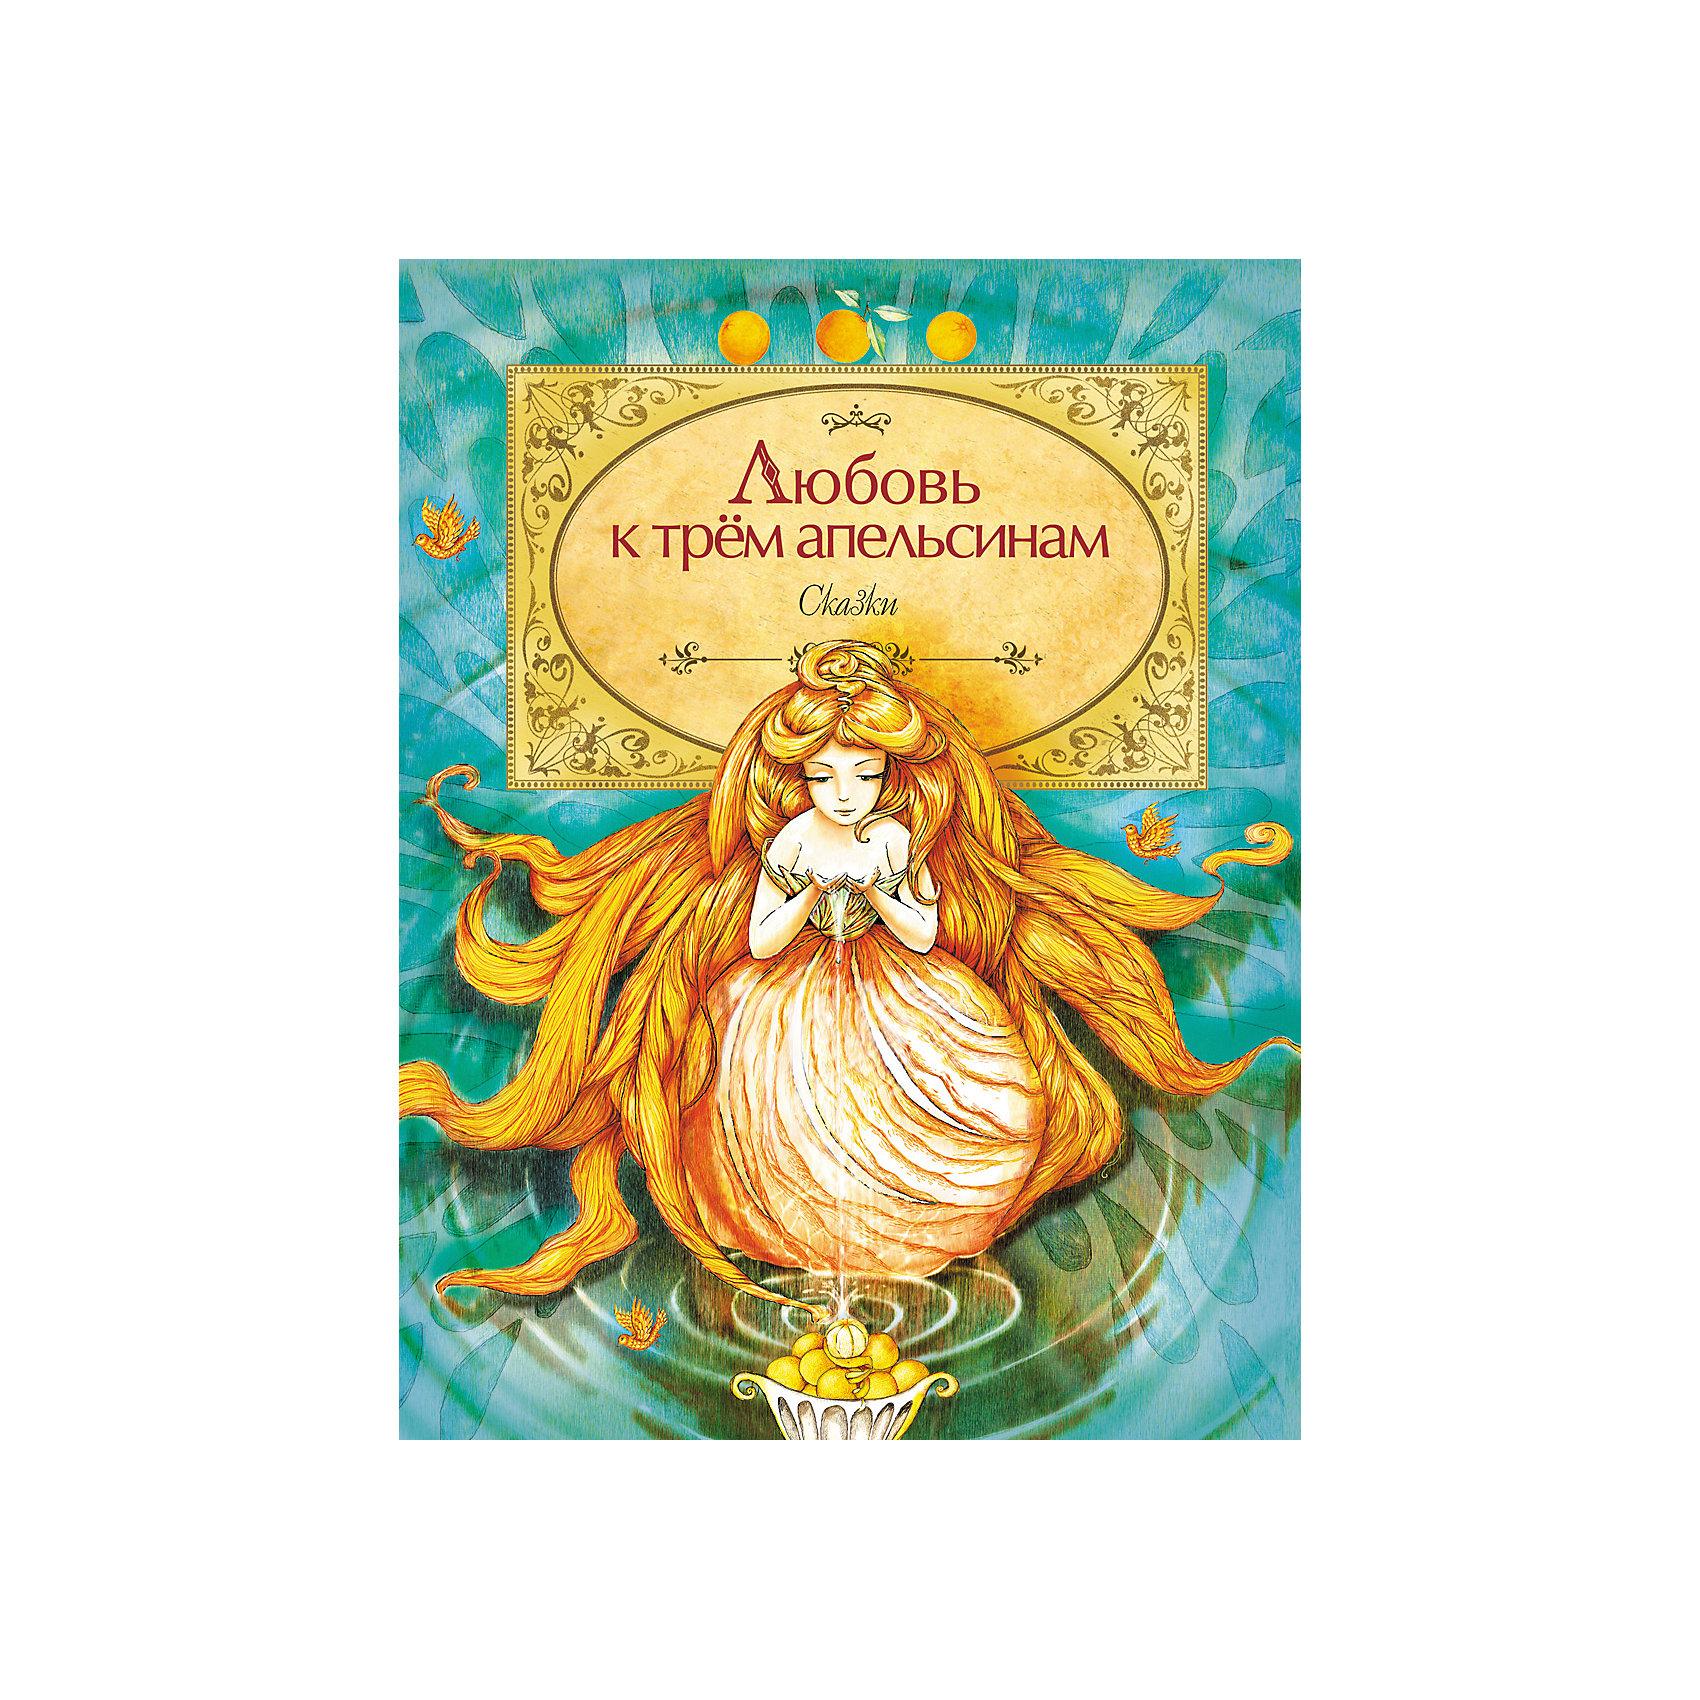 Любовь к трем апельсинамХарактеристики товара:<br><br>- цвет: разноцветный;<br>- материал: бумага;<br>- количество страниц: 48;<br>- обложка: твердая;<br>- цветные иллюстрации;<br>- возраст: 5+.<br><br>Такая книга – неотъемлемая часть домашней библиотеки. Знакомство с итальянской культурой должно происходить в детстве во время чтения знаменитых и значимых произведений, адаптированных специально для детей. Этот сборник народных скозок Италии откроет для ребенка волшебный новый мир чудес. В книге есть яркие и красочные иллюстрации, привлекающие внимание детей и способные привить любовь к книгам. Все материалы, использованные при производстве издания, отвечают требованиям по качеству и безопасности. <br><br>Издание Любовь к трем апельсинам от компании Росмэн можно приобрести в нашем интернет-магазине.<br><br>Ширина мм: 265<br>Глубина мм: 205<br>Высота мм: 7<br>Вес г: 342<br>Возраст от месяцев: 36<br>Возраст до месяцев: 72<br>Пол: Унисекс<br>Возраст: Детский<br>SKU: 5109904